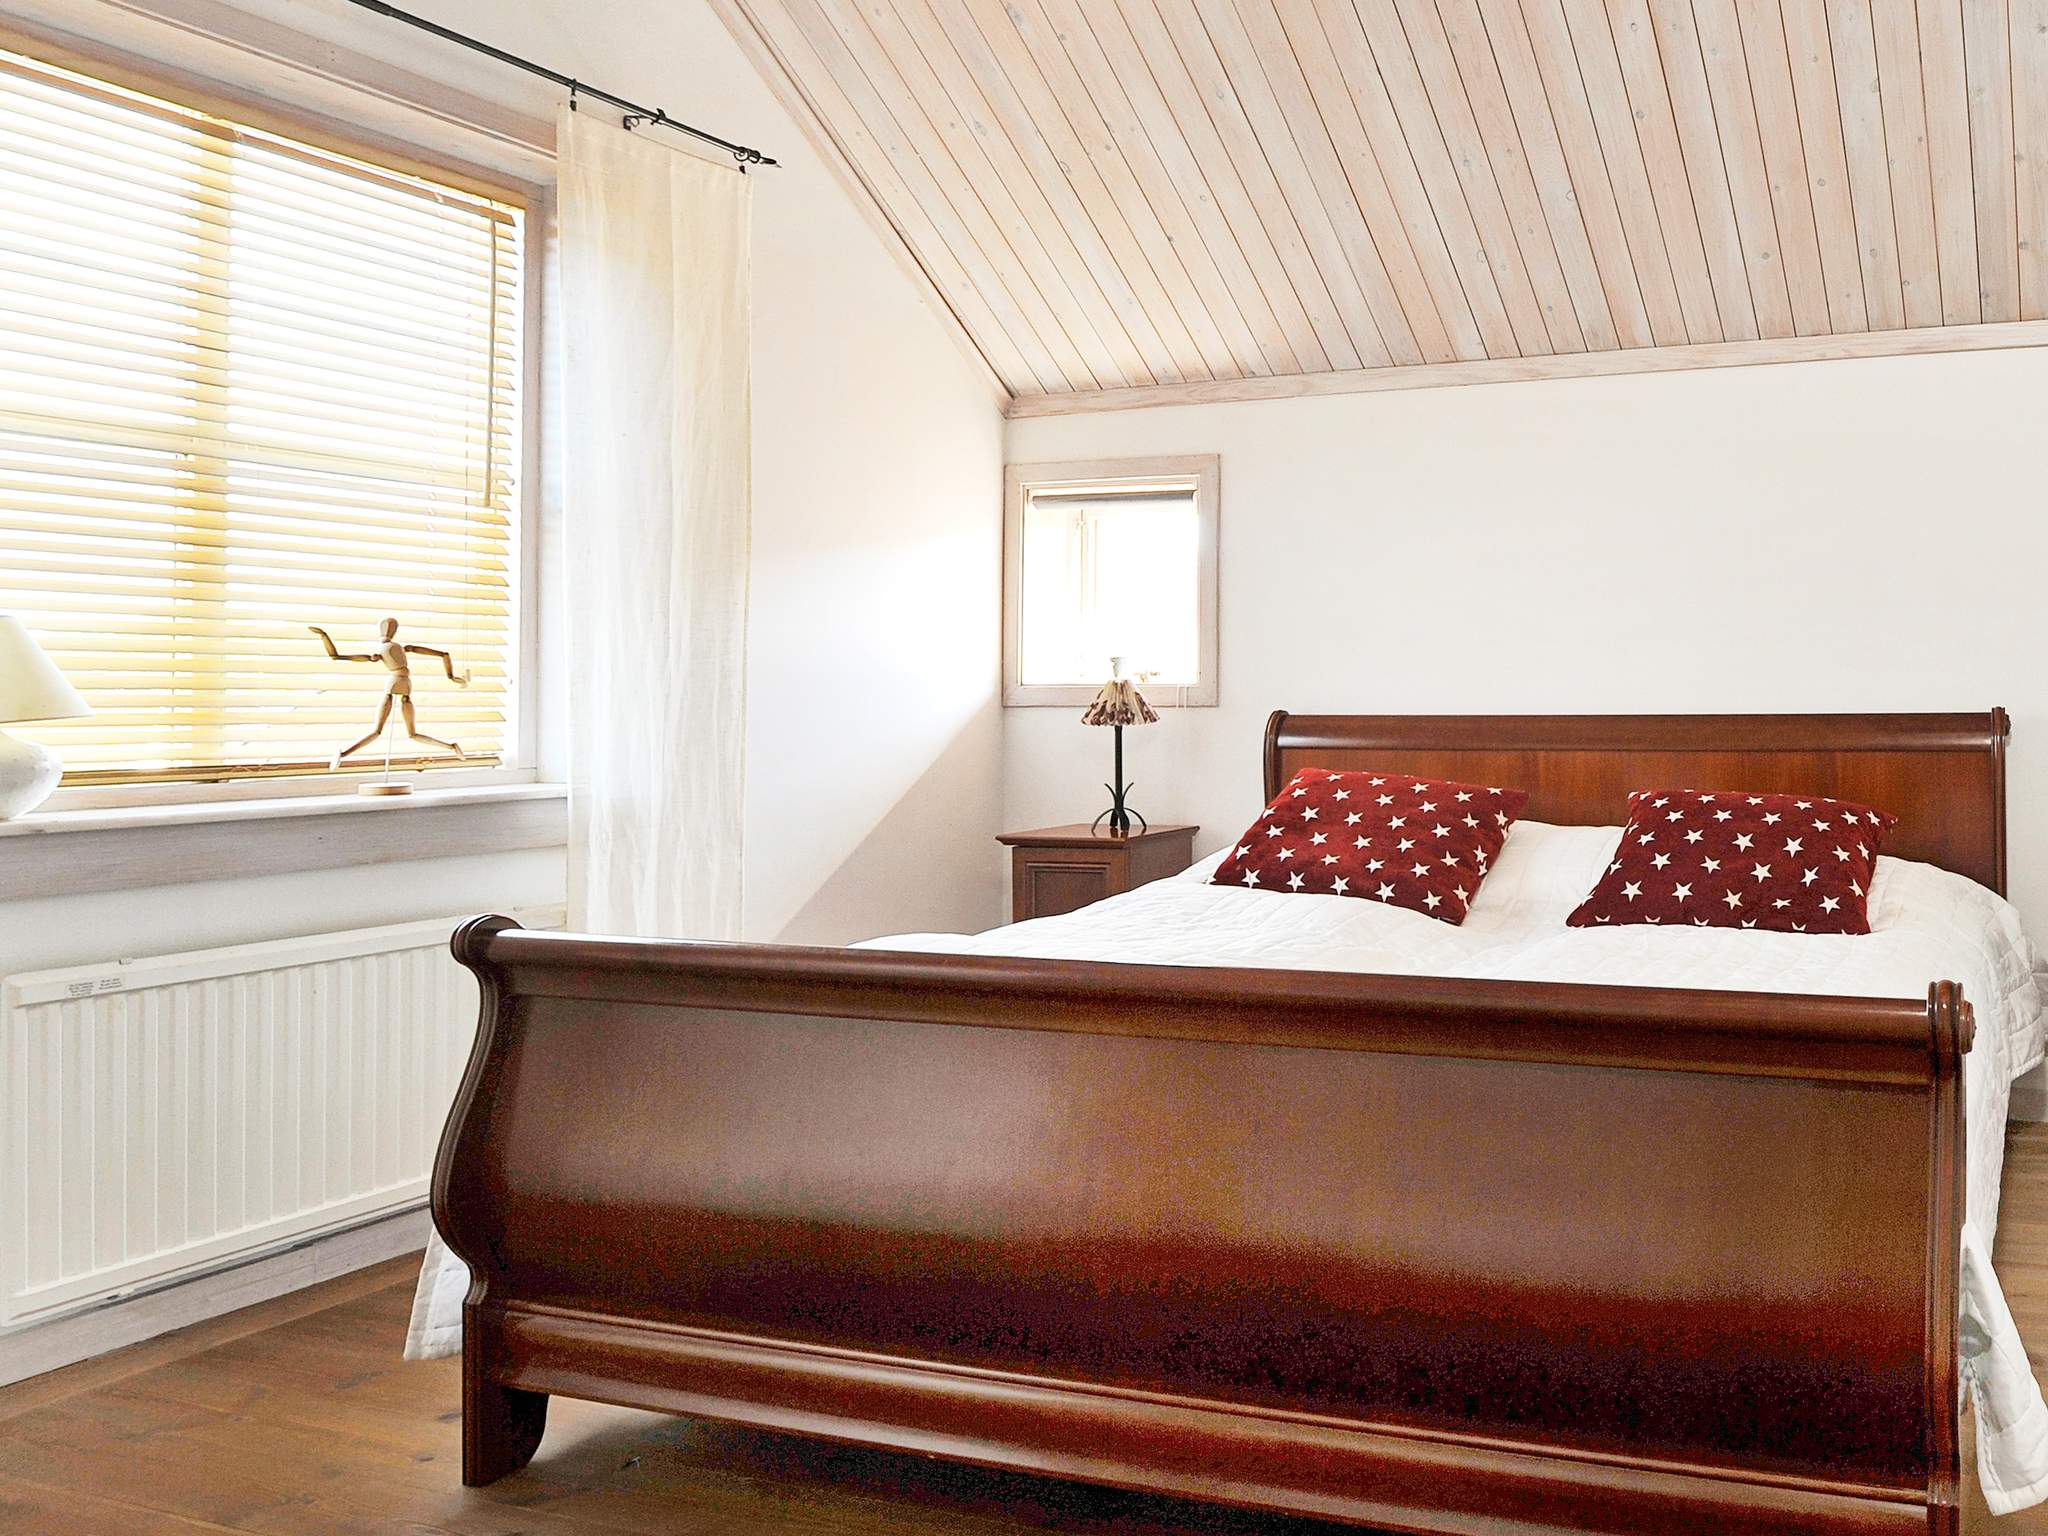 Ferienhaus Tjörn/Skärhamn (454665), Skärhamn, Tjörn, Westschweden, Schweden, Bild 12